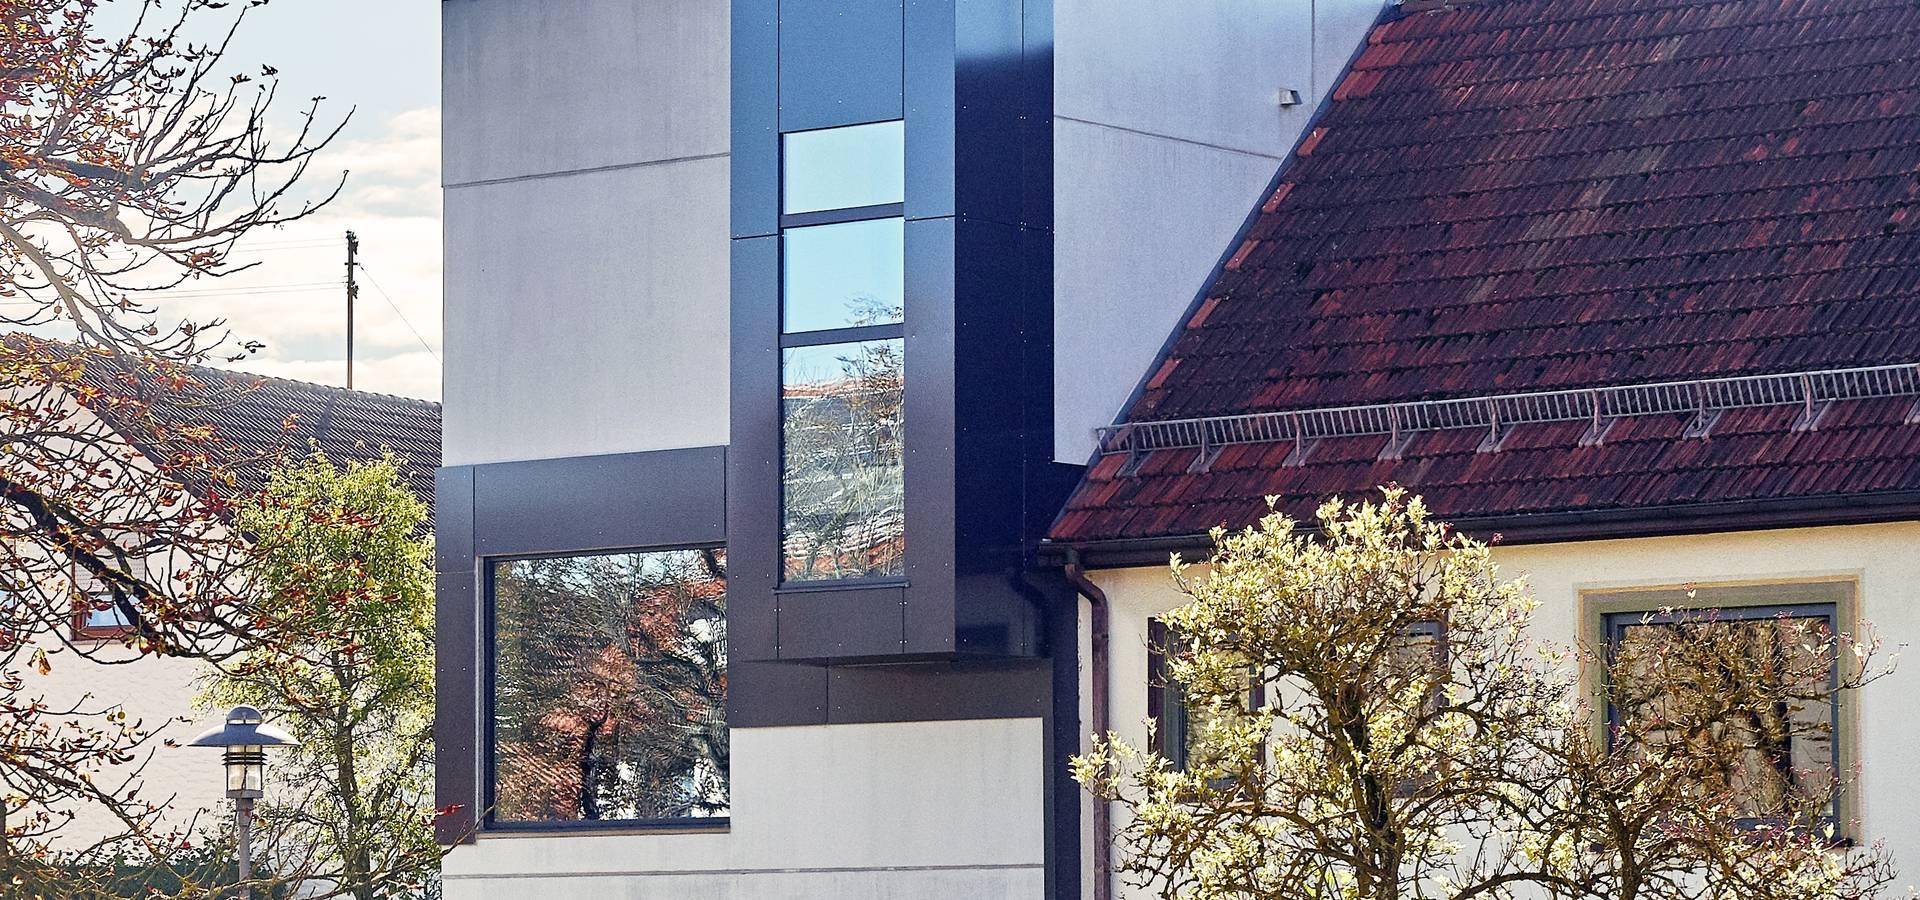 Architekturbüro Otto M. F. Beutter: Architekten in Geislingen   homify